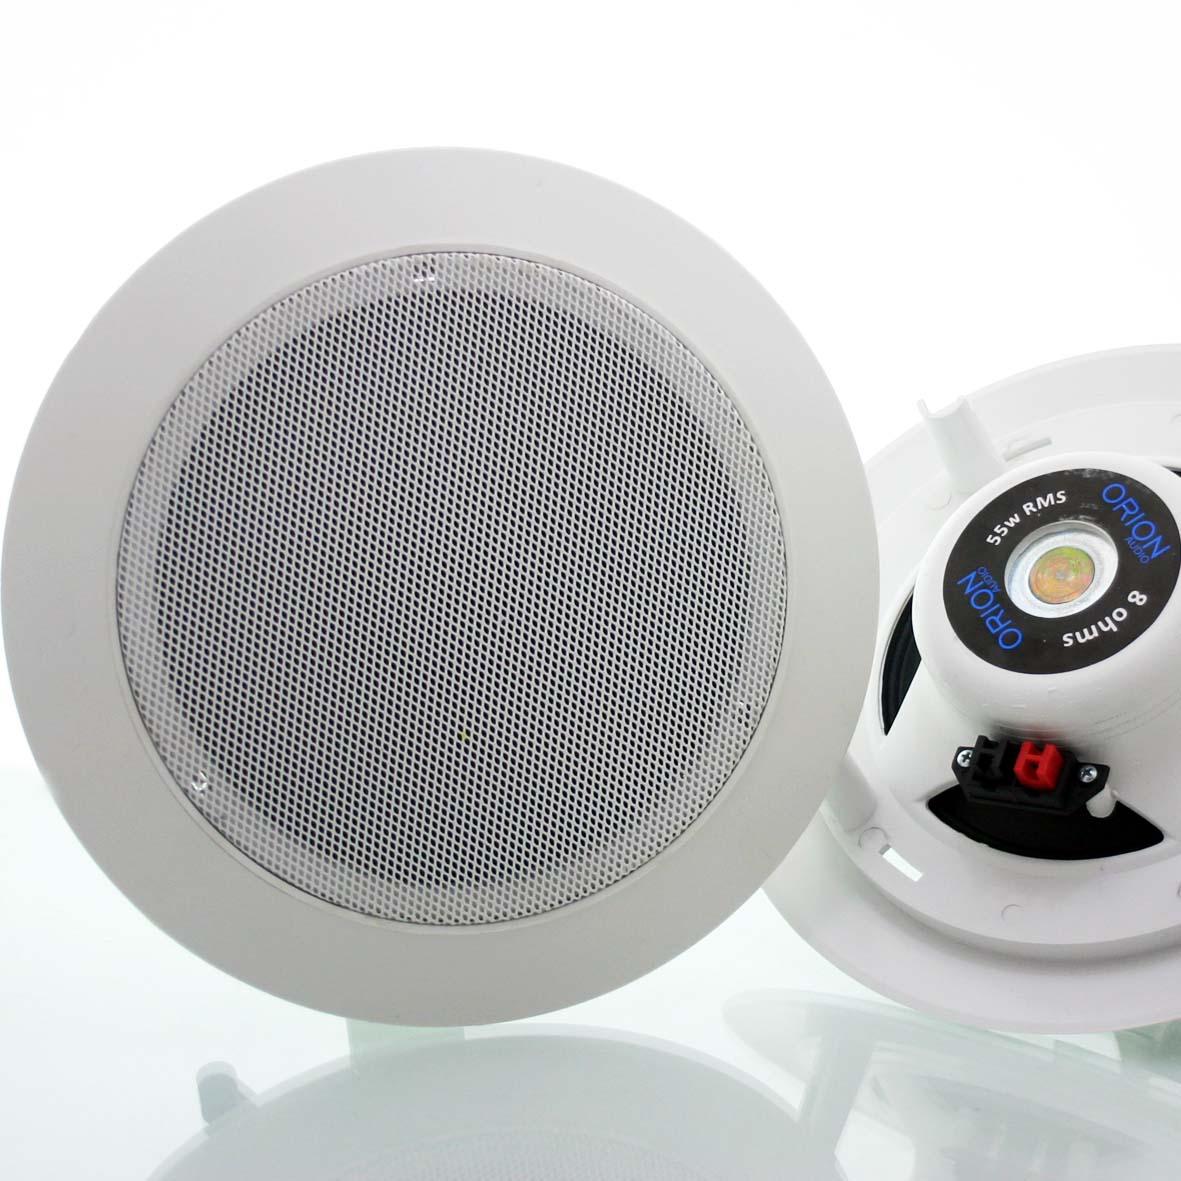 Kit som ambiente Mini amplificador Receiver USB FM Bluetooth e 6 arandelas de embutir